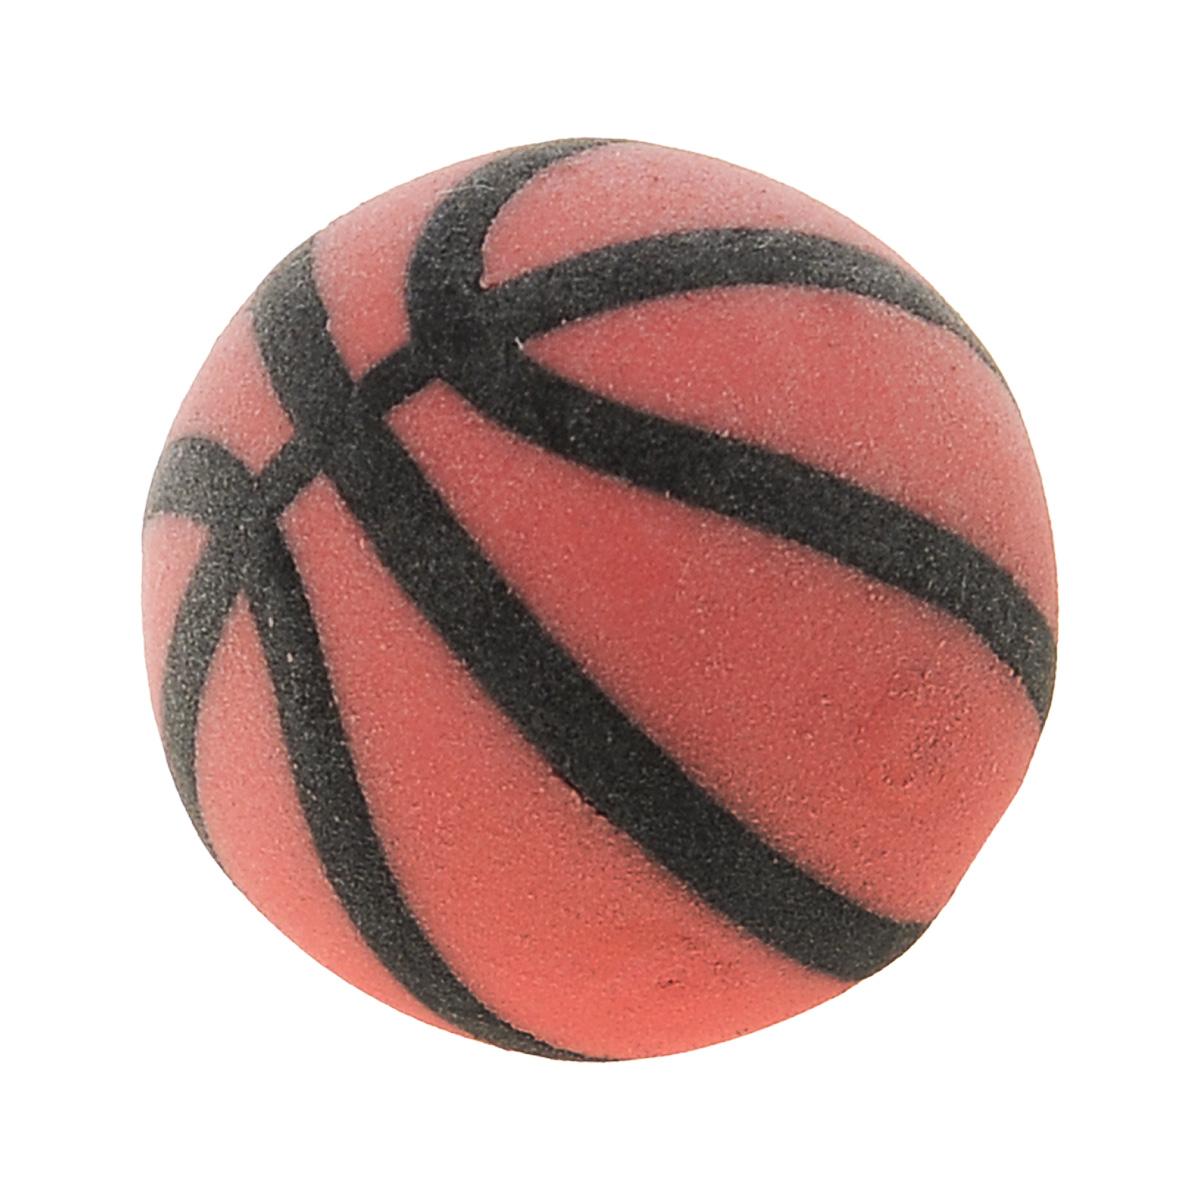 Brunnen Ластик Мяч баскетбольный, цвет: оранжевый191510_бирюзовыйЛастик Мяч баскетбольный станет незаменимым аксессуаром на рабочем столе не только школьника или студента, но и офисного работника. Он легко и без следа удаляет надписи, сделанные карандашом.